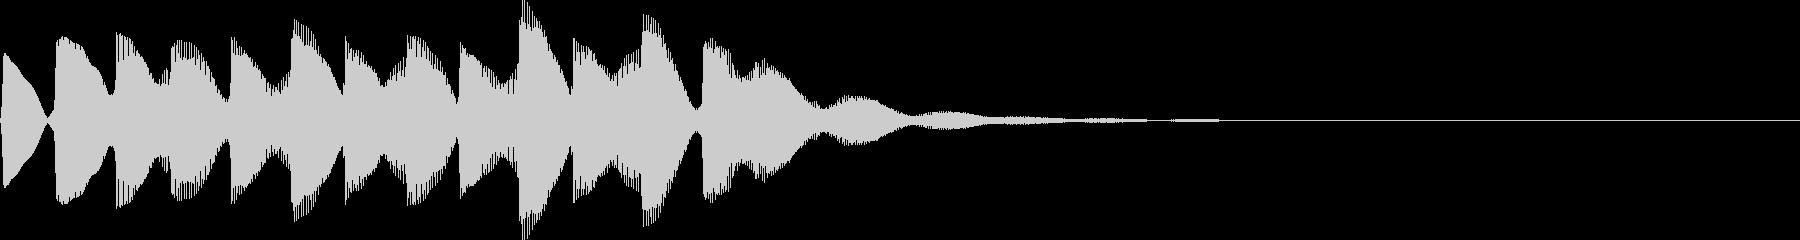 電車の発車メロディーの未再生の波形